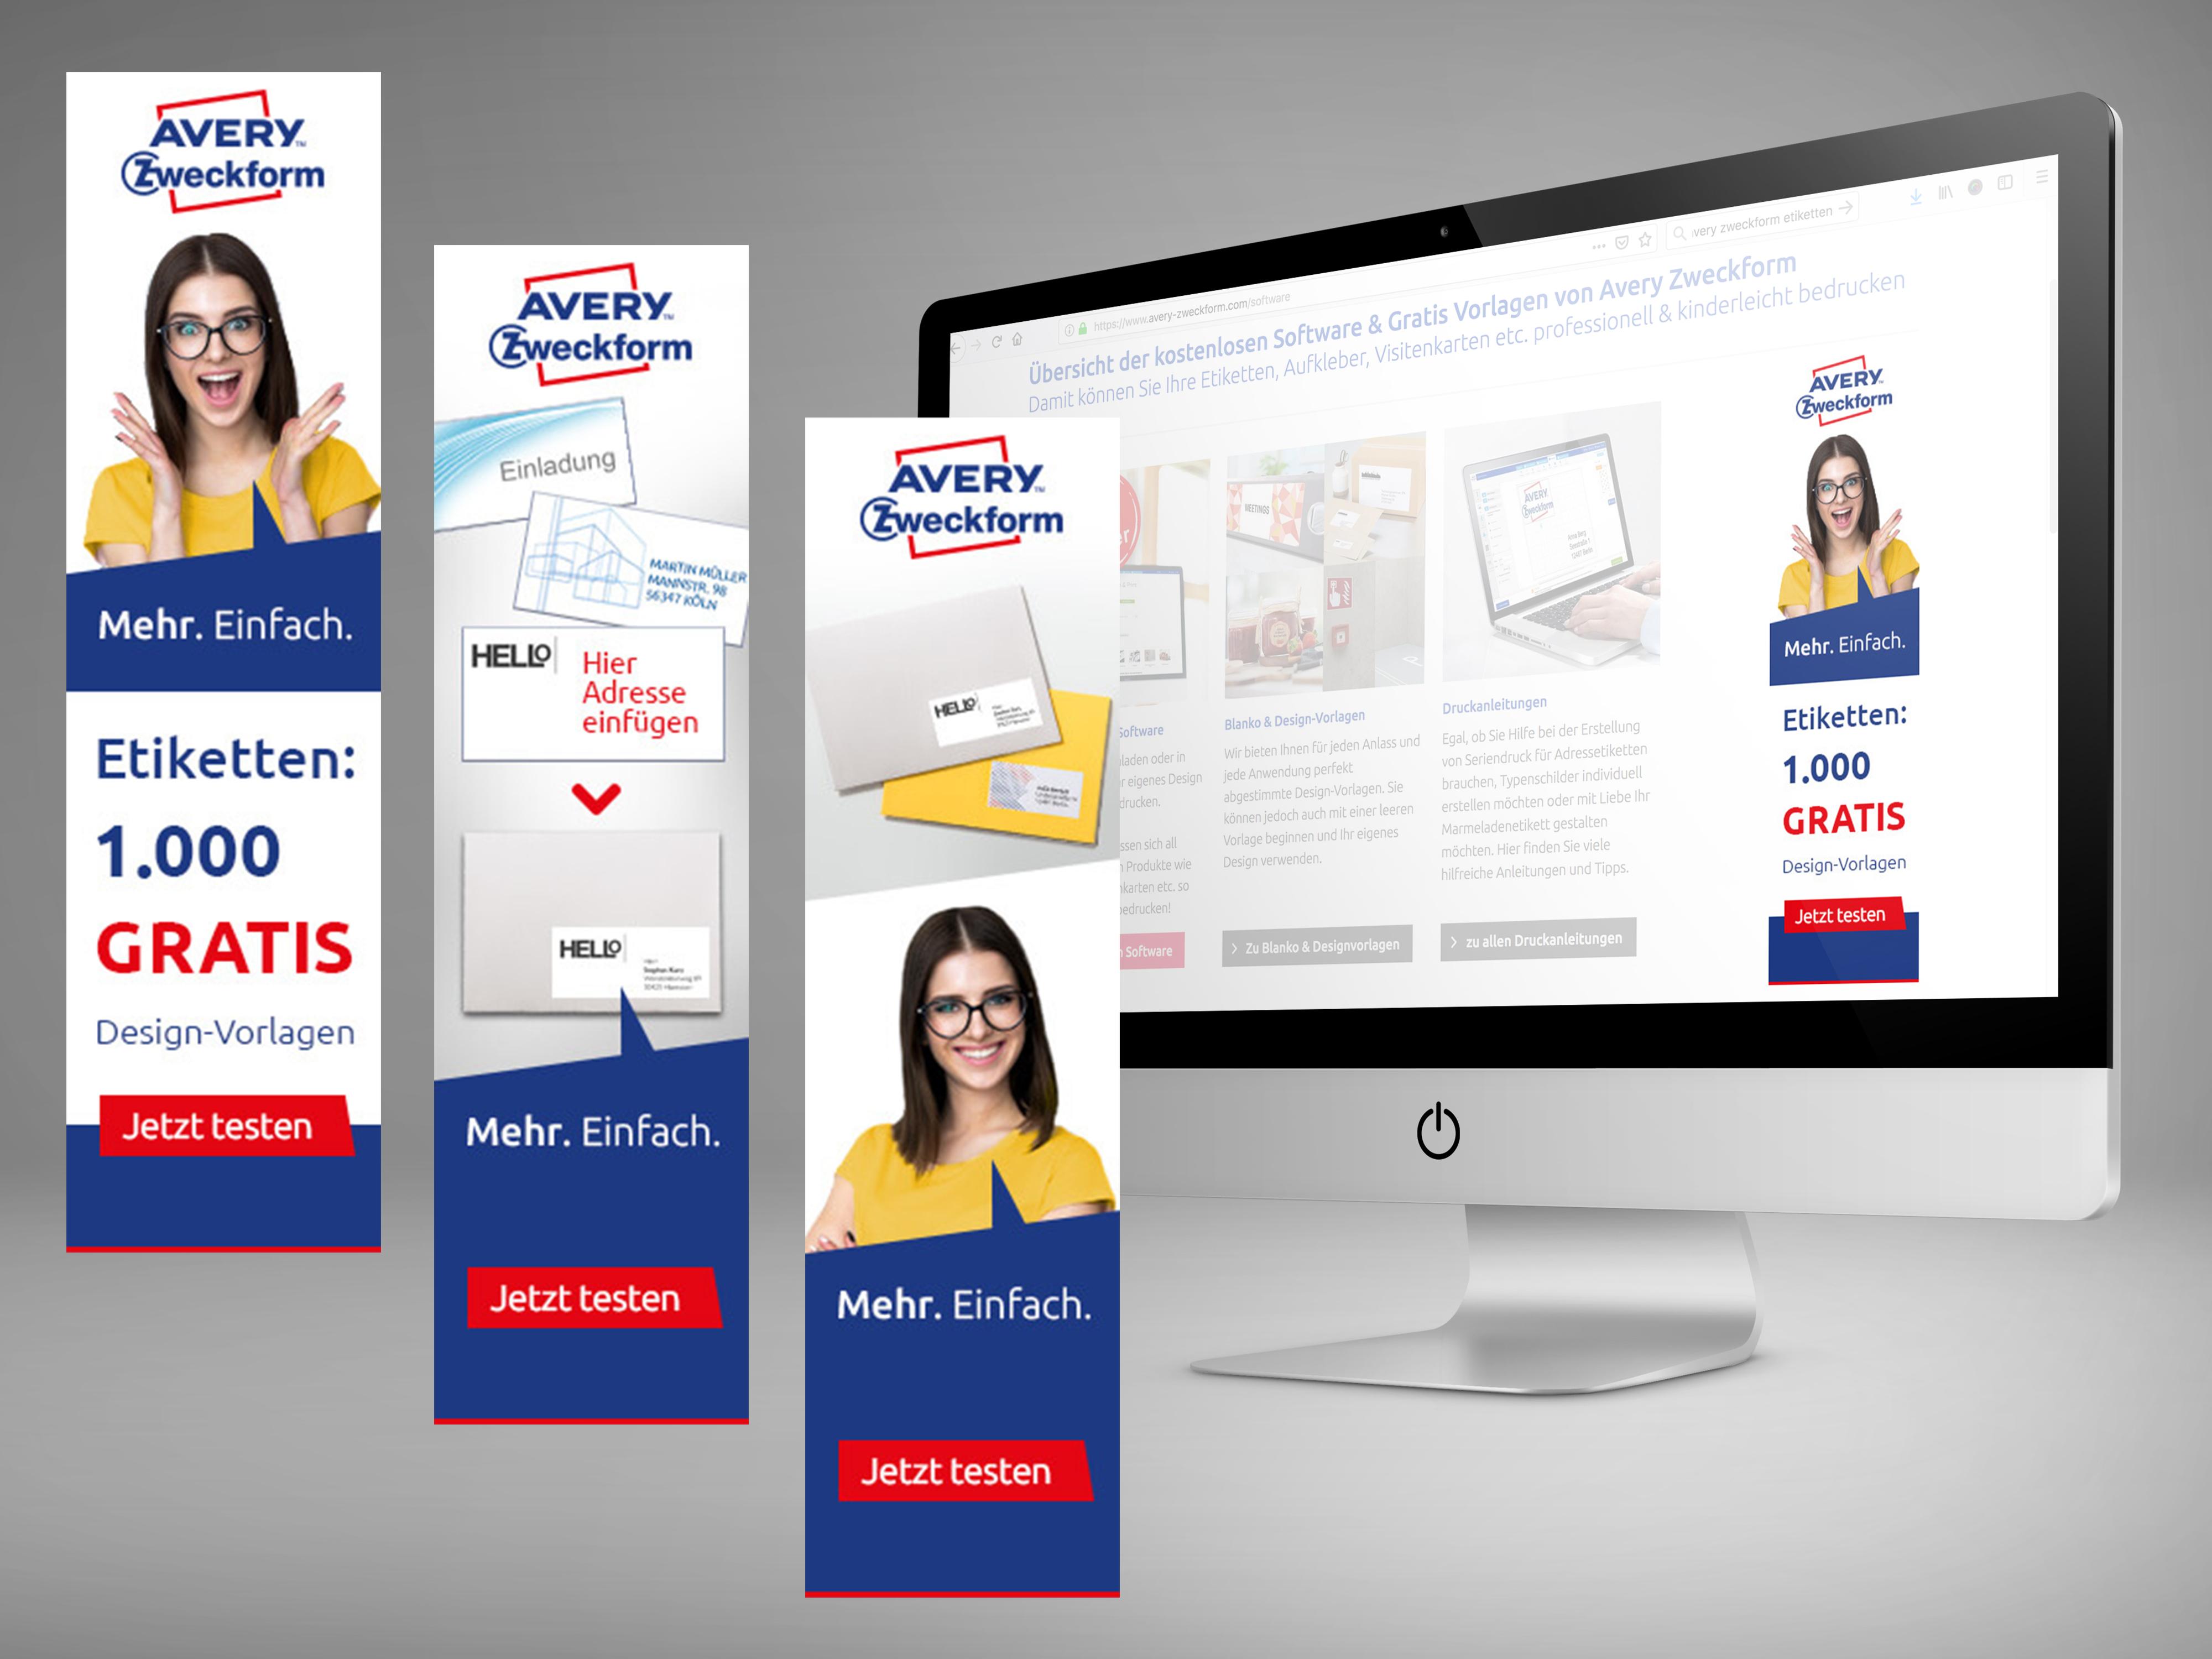 Online-Banner für Avery Zweckform